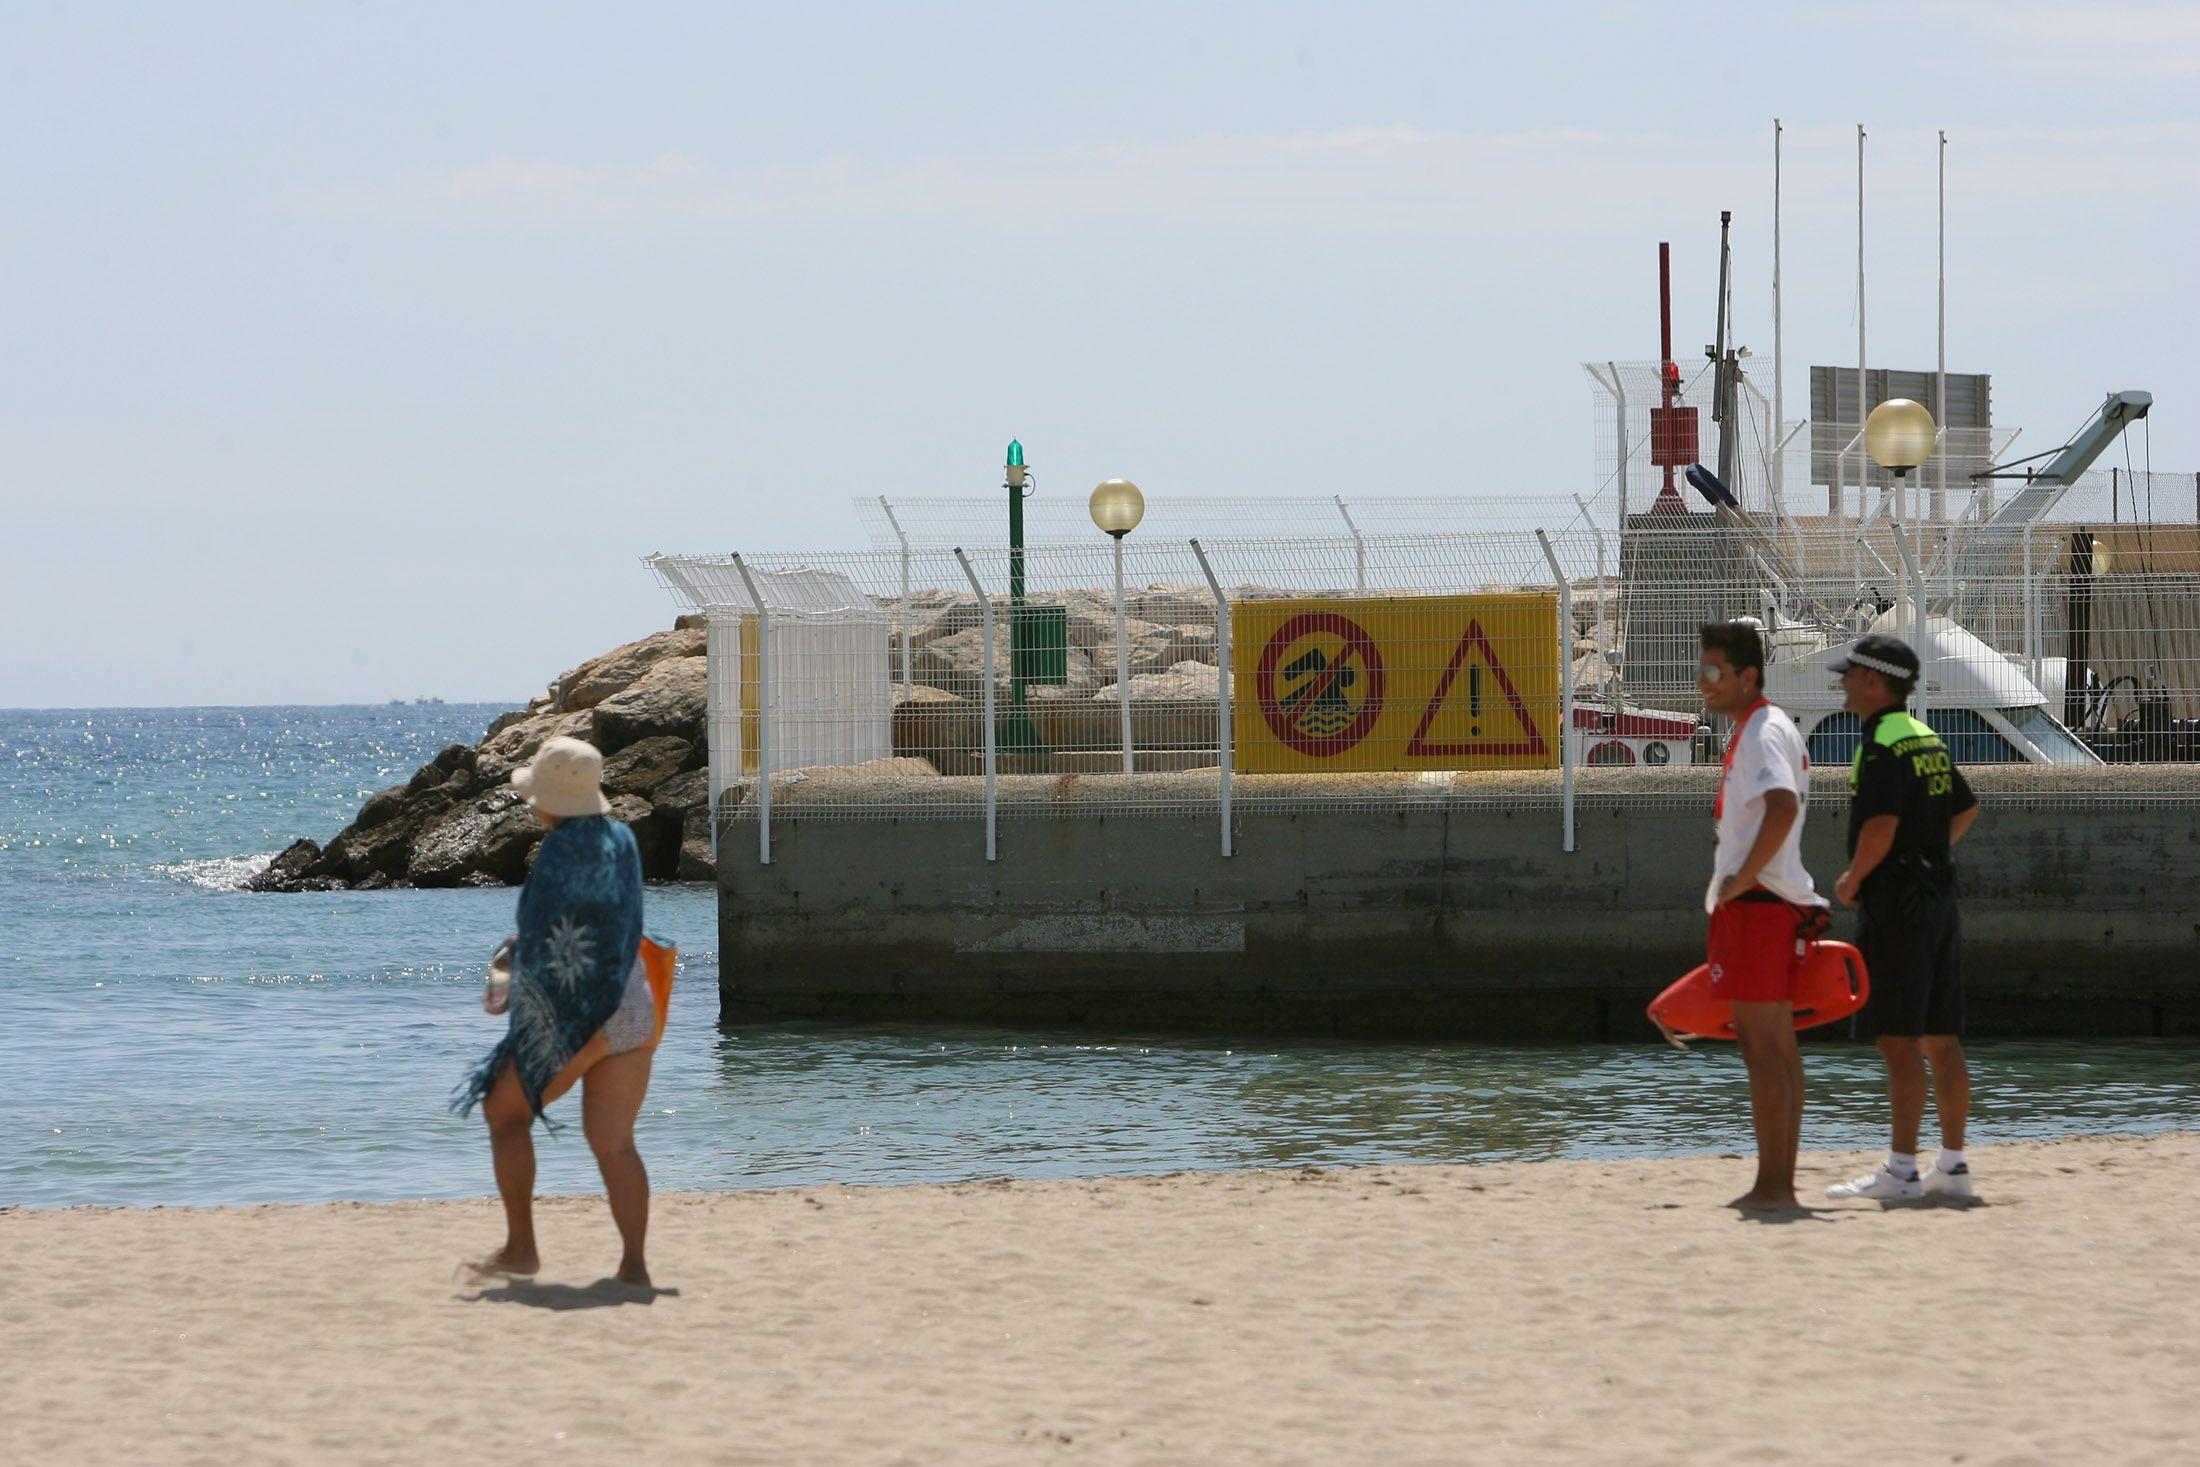 Fallece ahogado un hombre en una playa de Calafell y ascienden a 19 los muertos en la costa catalana